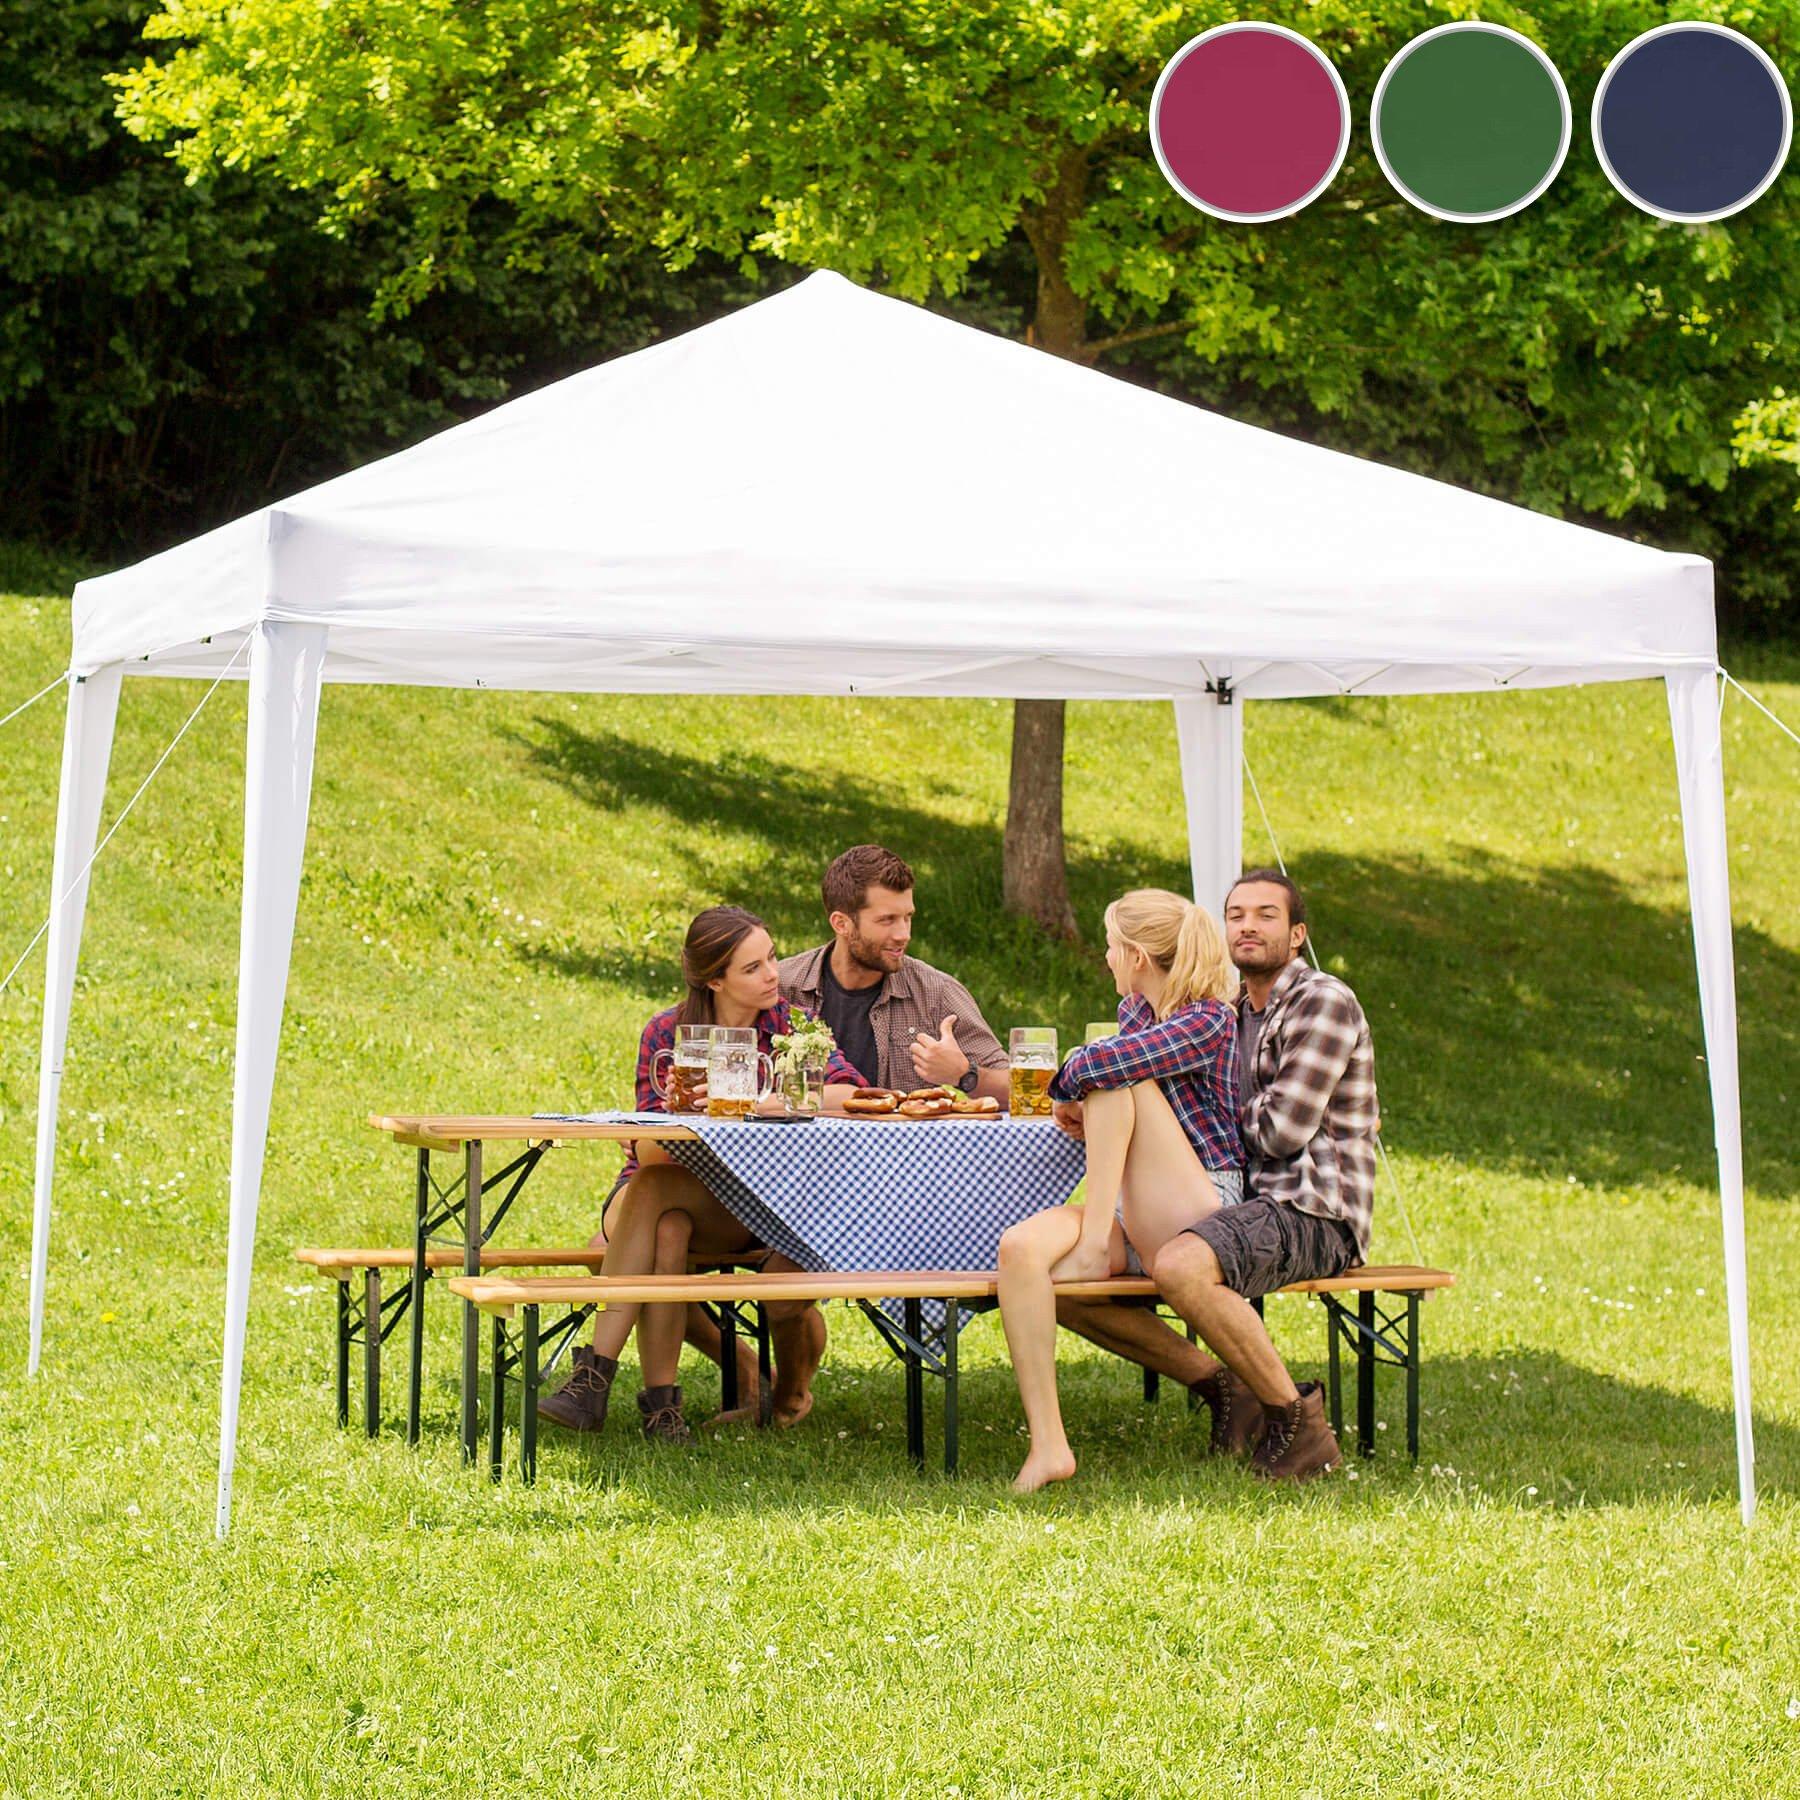 Pabellón de jardín de la marca TecTake, 3 x 3 m, plegable, con bolsa. Varios colores disponibles: Amazon.es: Jardín